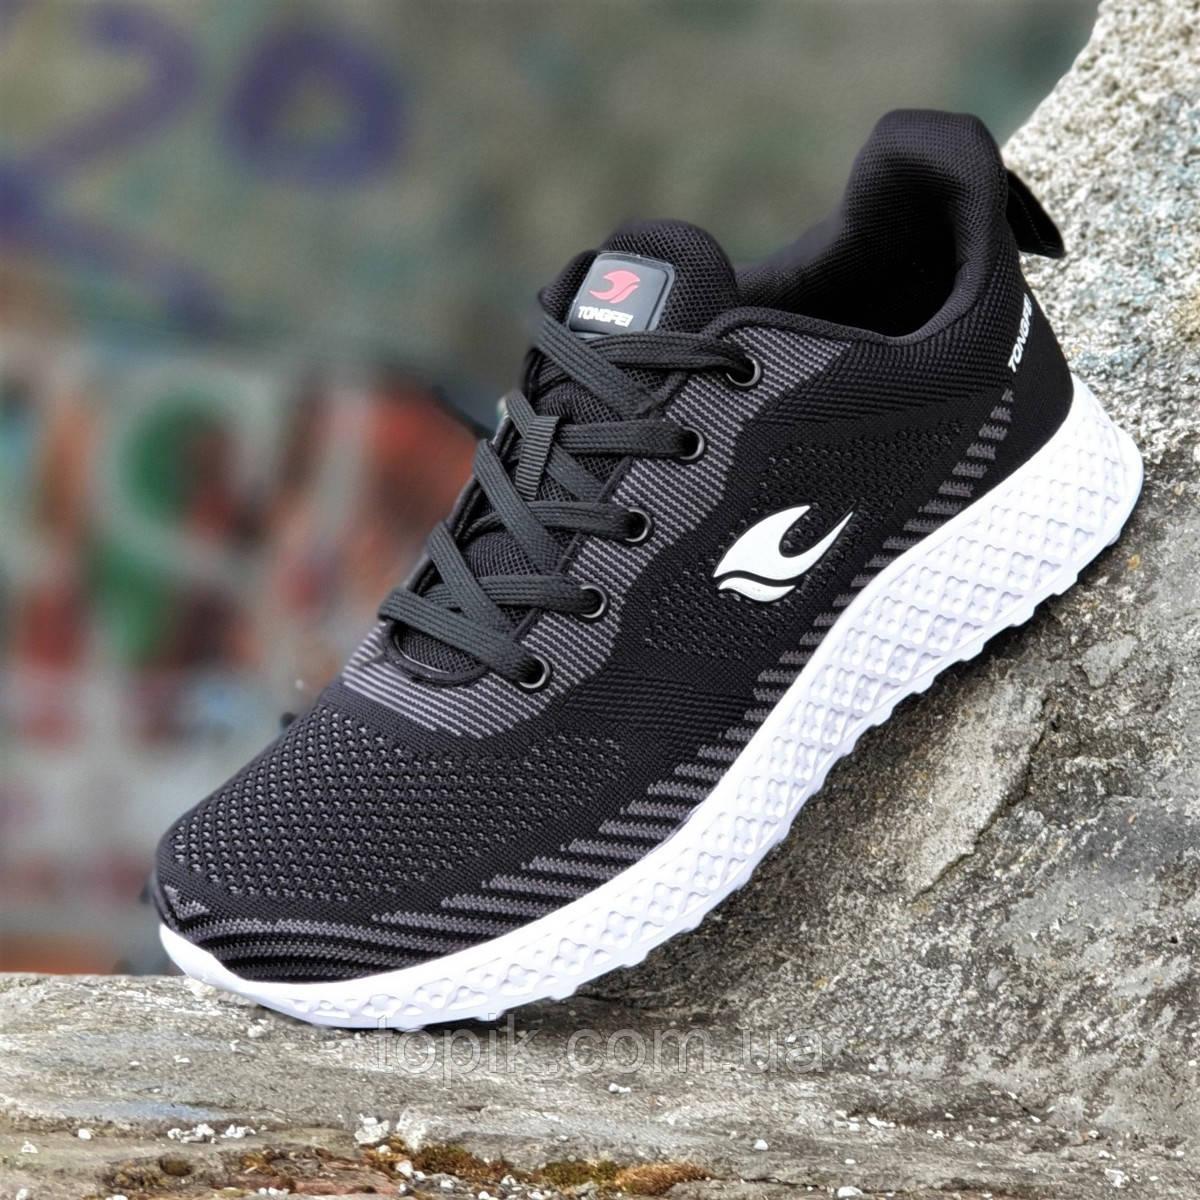 Мужские летние кроссовки черные, легкая высокая подошва пенка, мягкие на каждый день (Код: 1381)